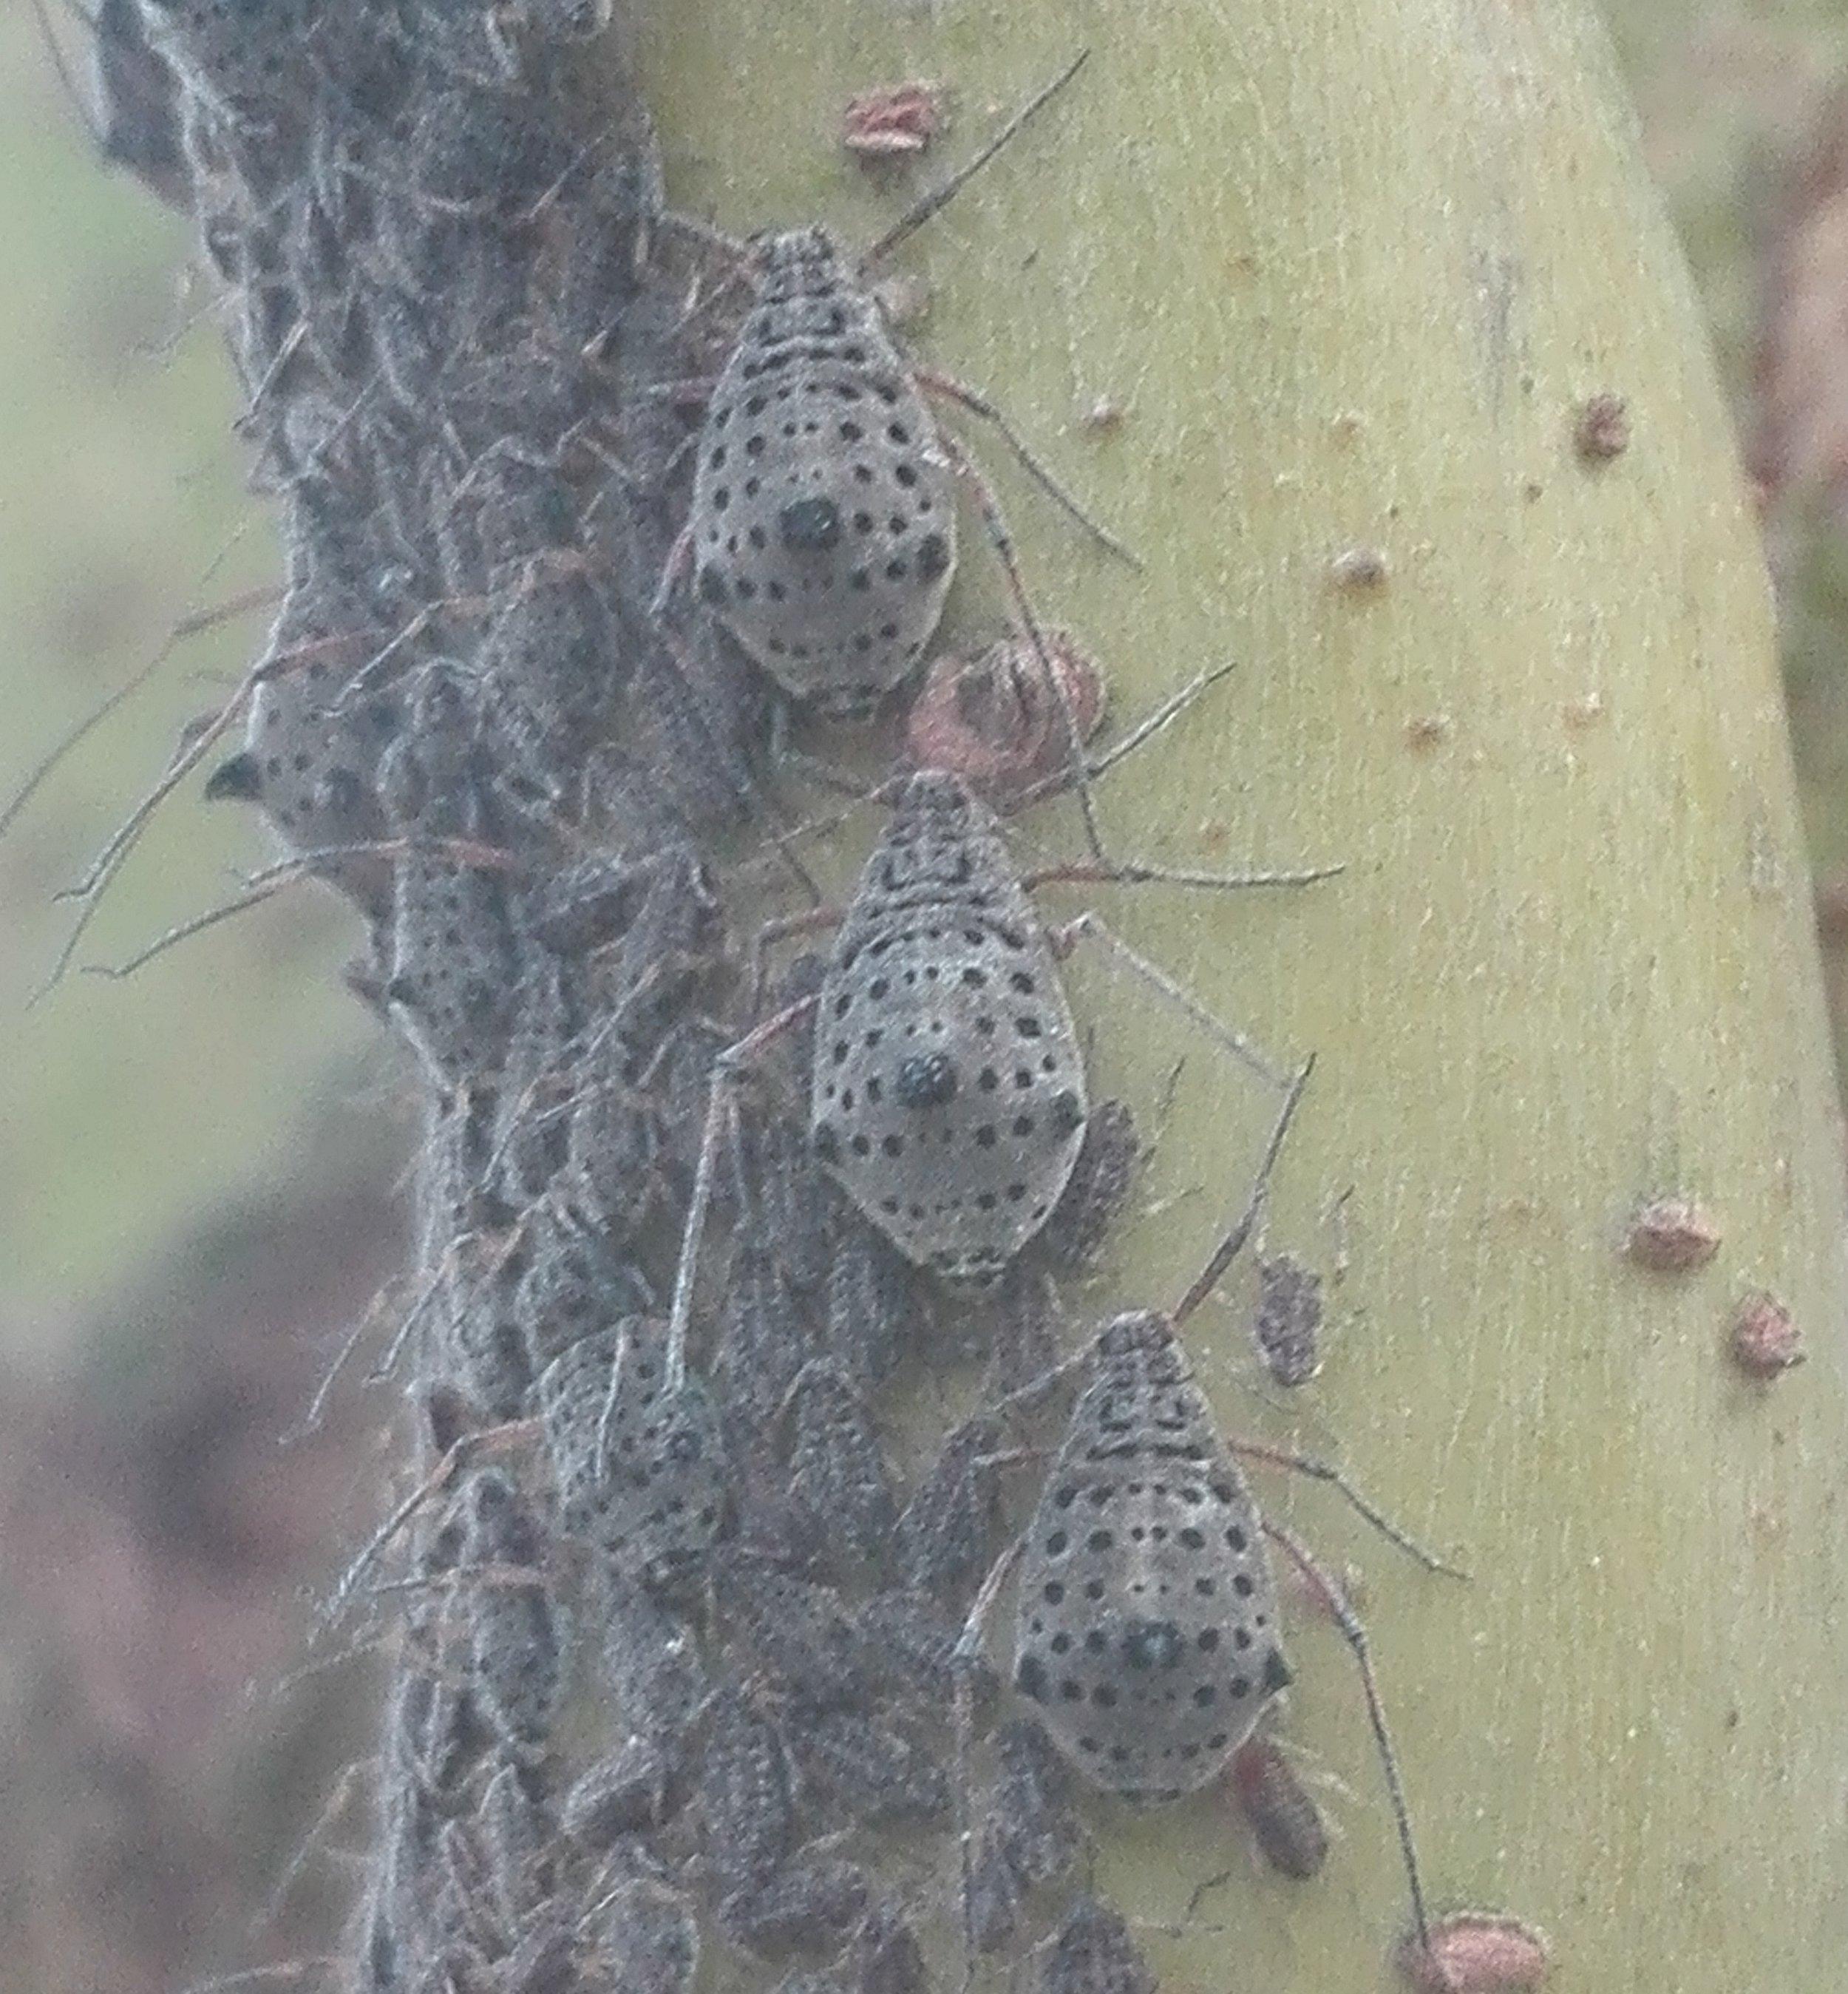 #389 Giant Willow Aphid (Tuberolachnus salignus)